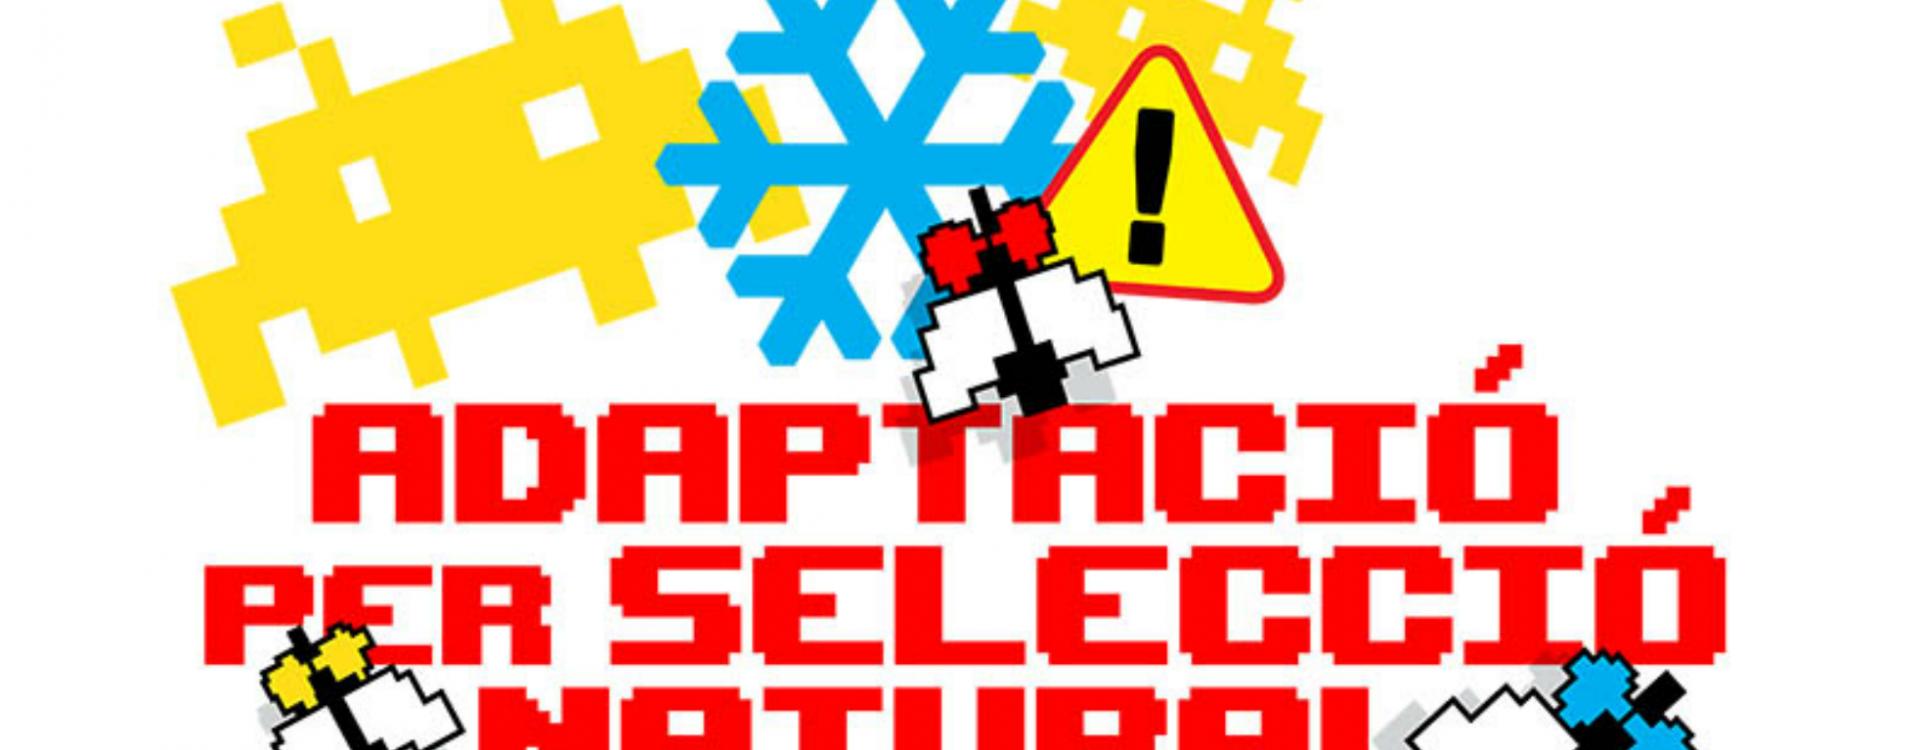 Adaptation by Natural selection – Interactive educational